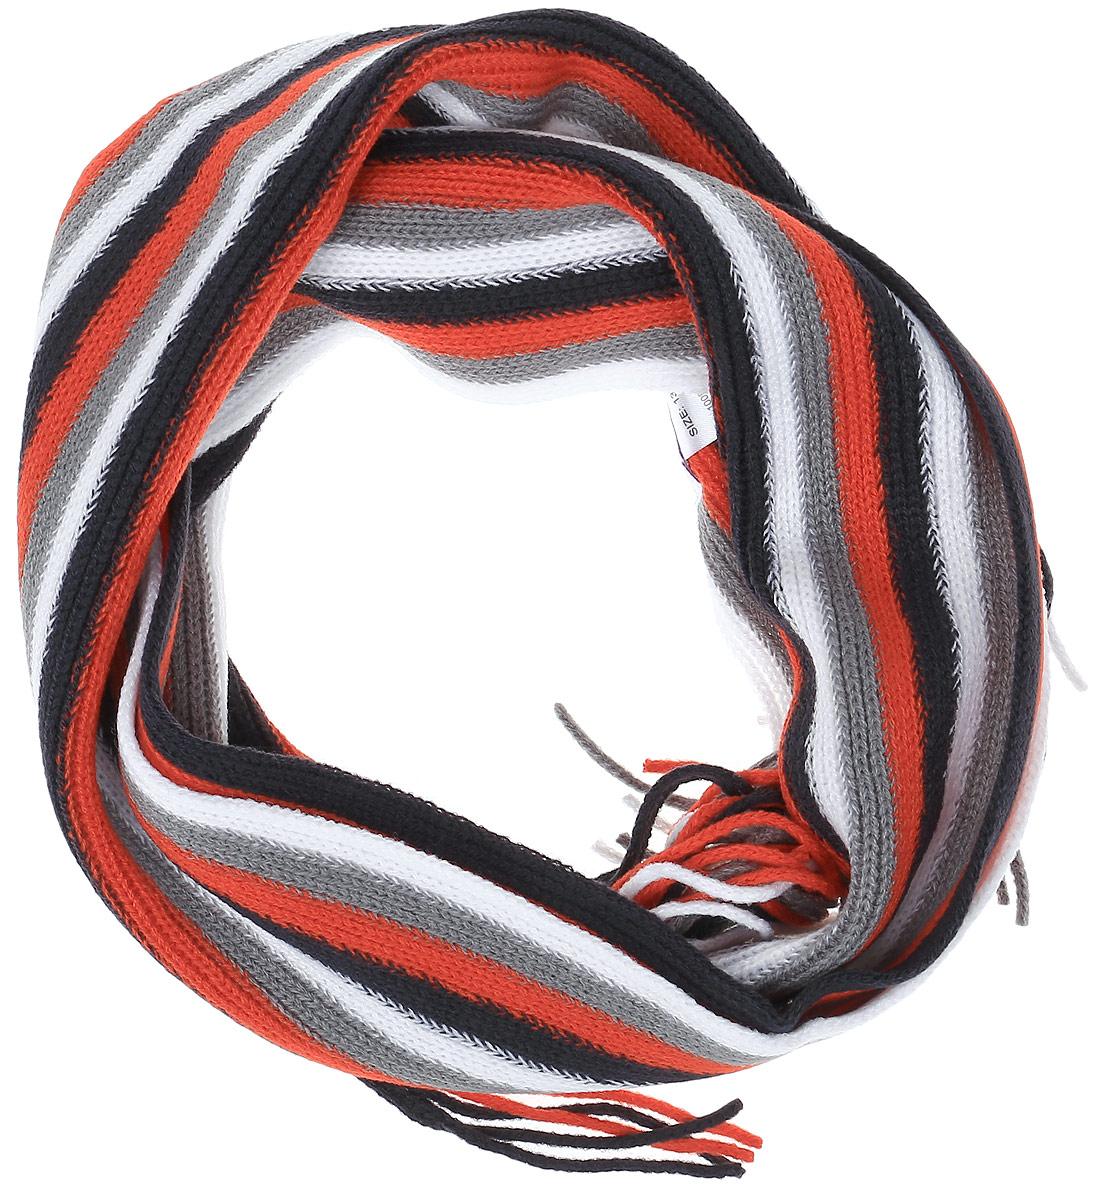 361132Вязаный шарф для мальчика PlayToday идеально подойдет вашему малышу для прогулок на свежем воздухе. Изготовленный из акрила, он необычайно мягкий и приятный на ощупь, хорошо сохраняет тепло. Изделие по краям дополнено бахромой. Оформлена модель принтом в полоску. Шарф подарит тепло, уют и комфорт, а также красиво завершит образ ребенка.